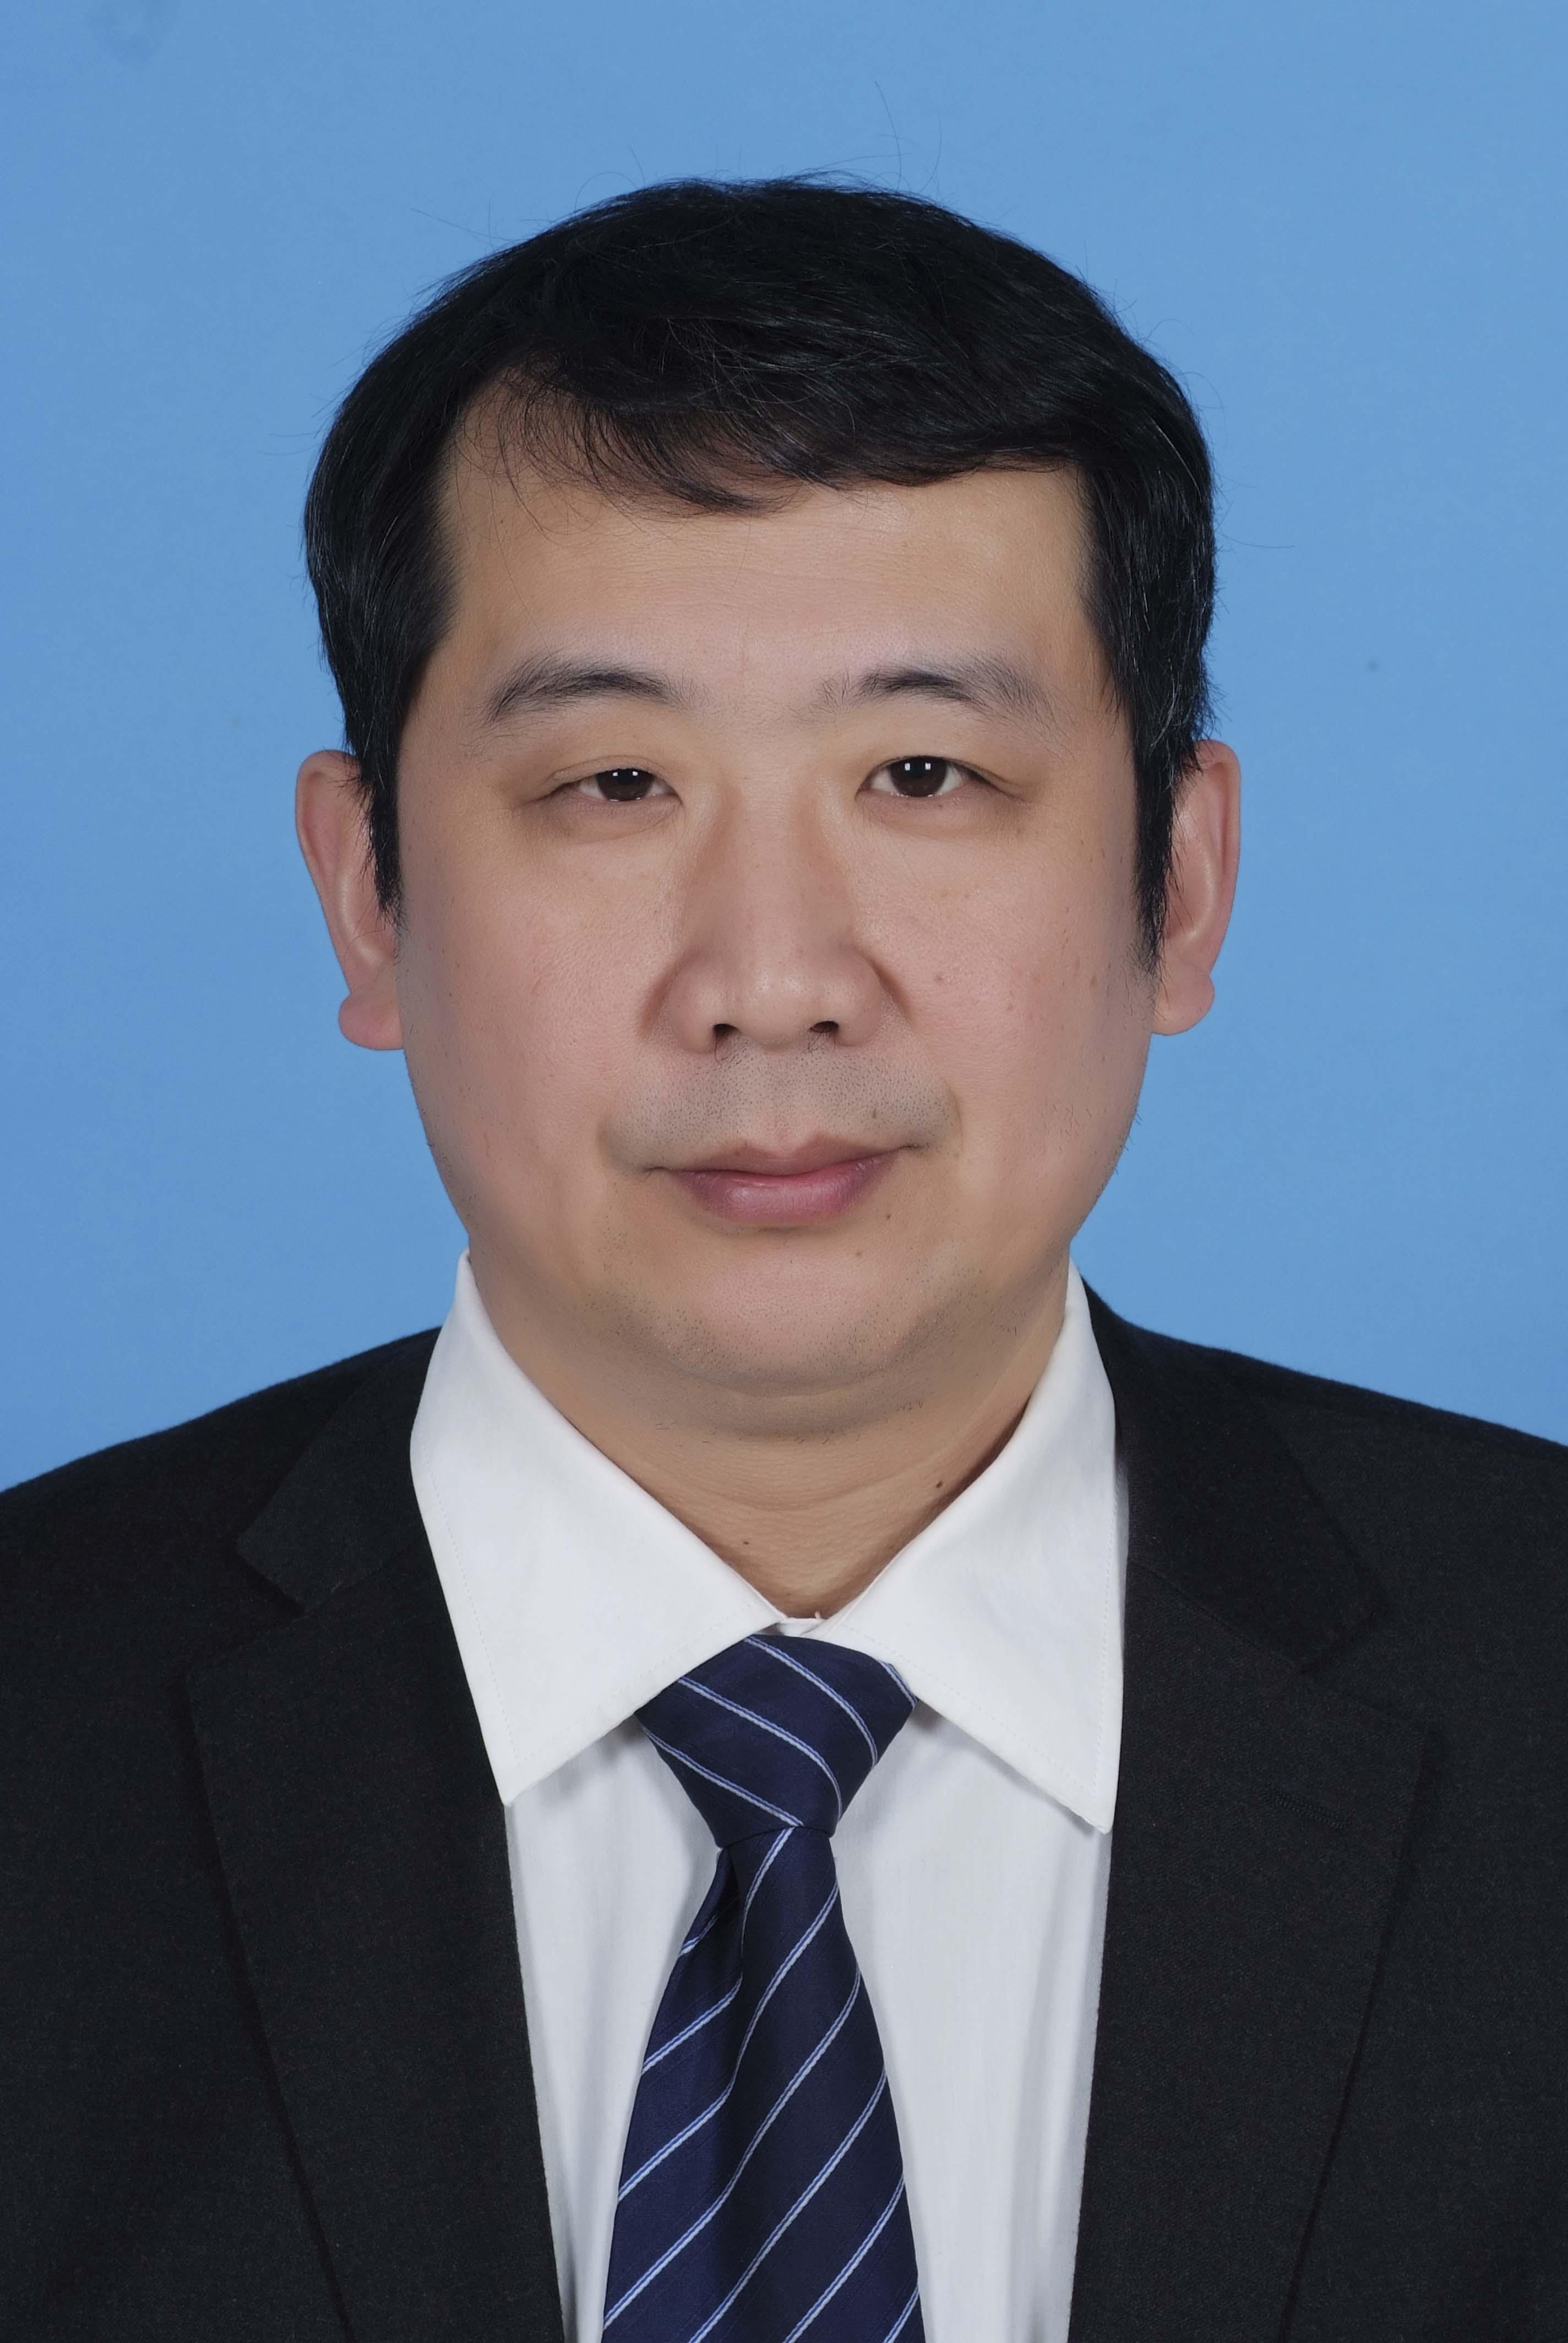 现任青岛大学法学院教授,从事刑事法学教学与研究工作,兼任中国犯罪学